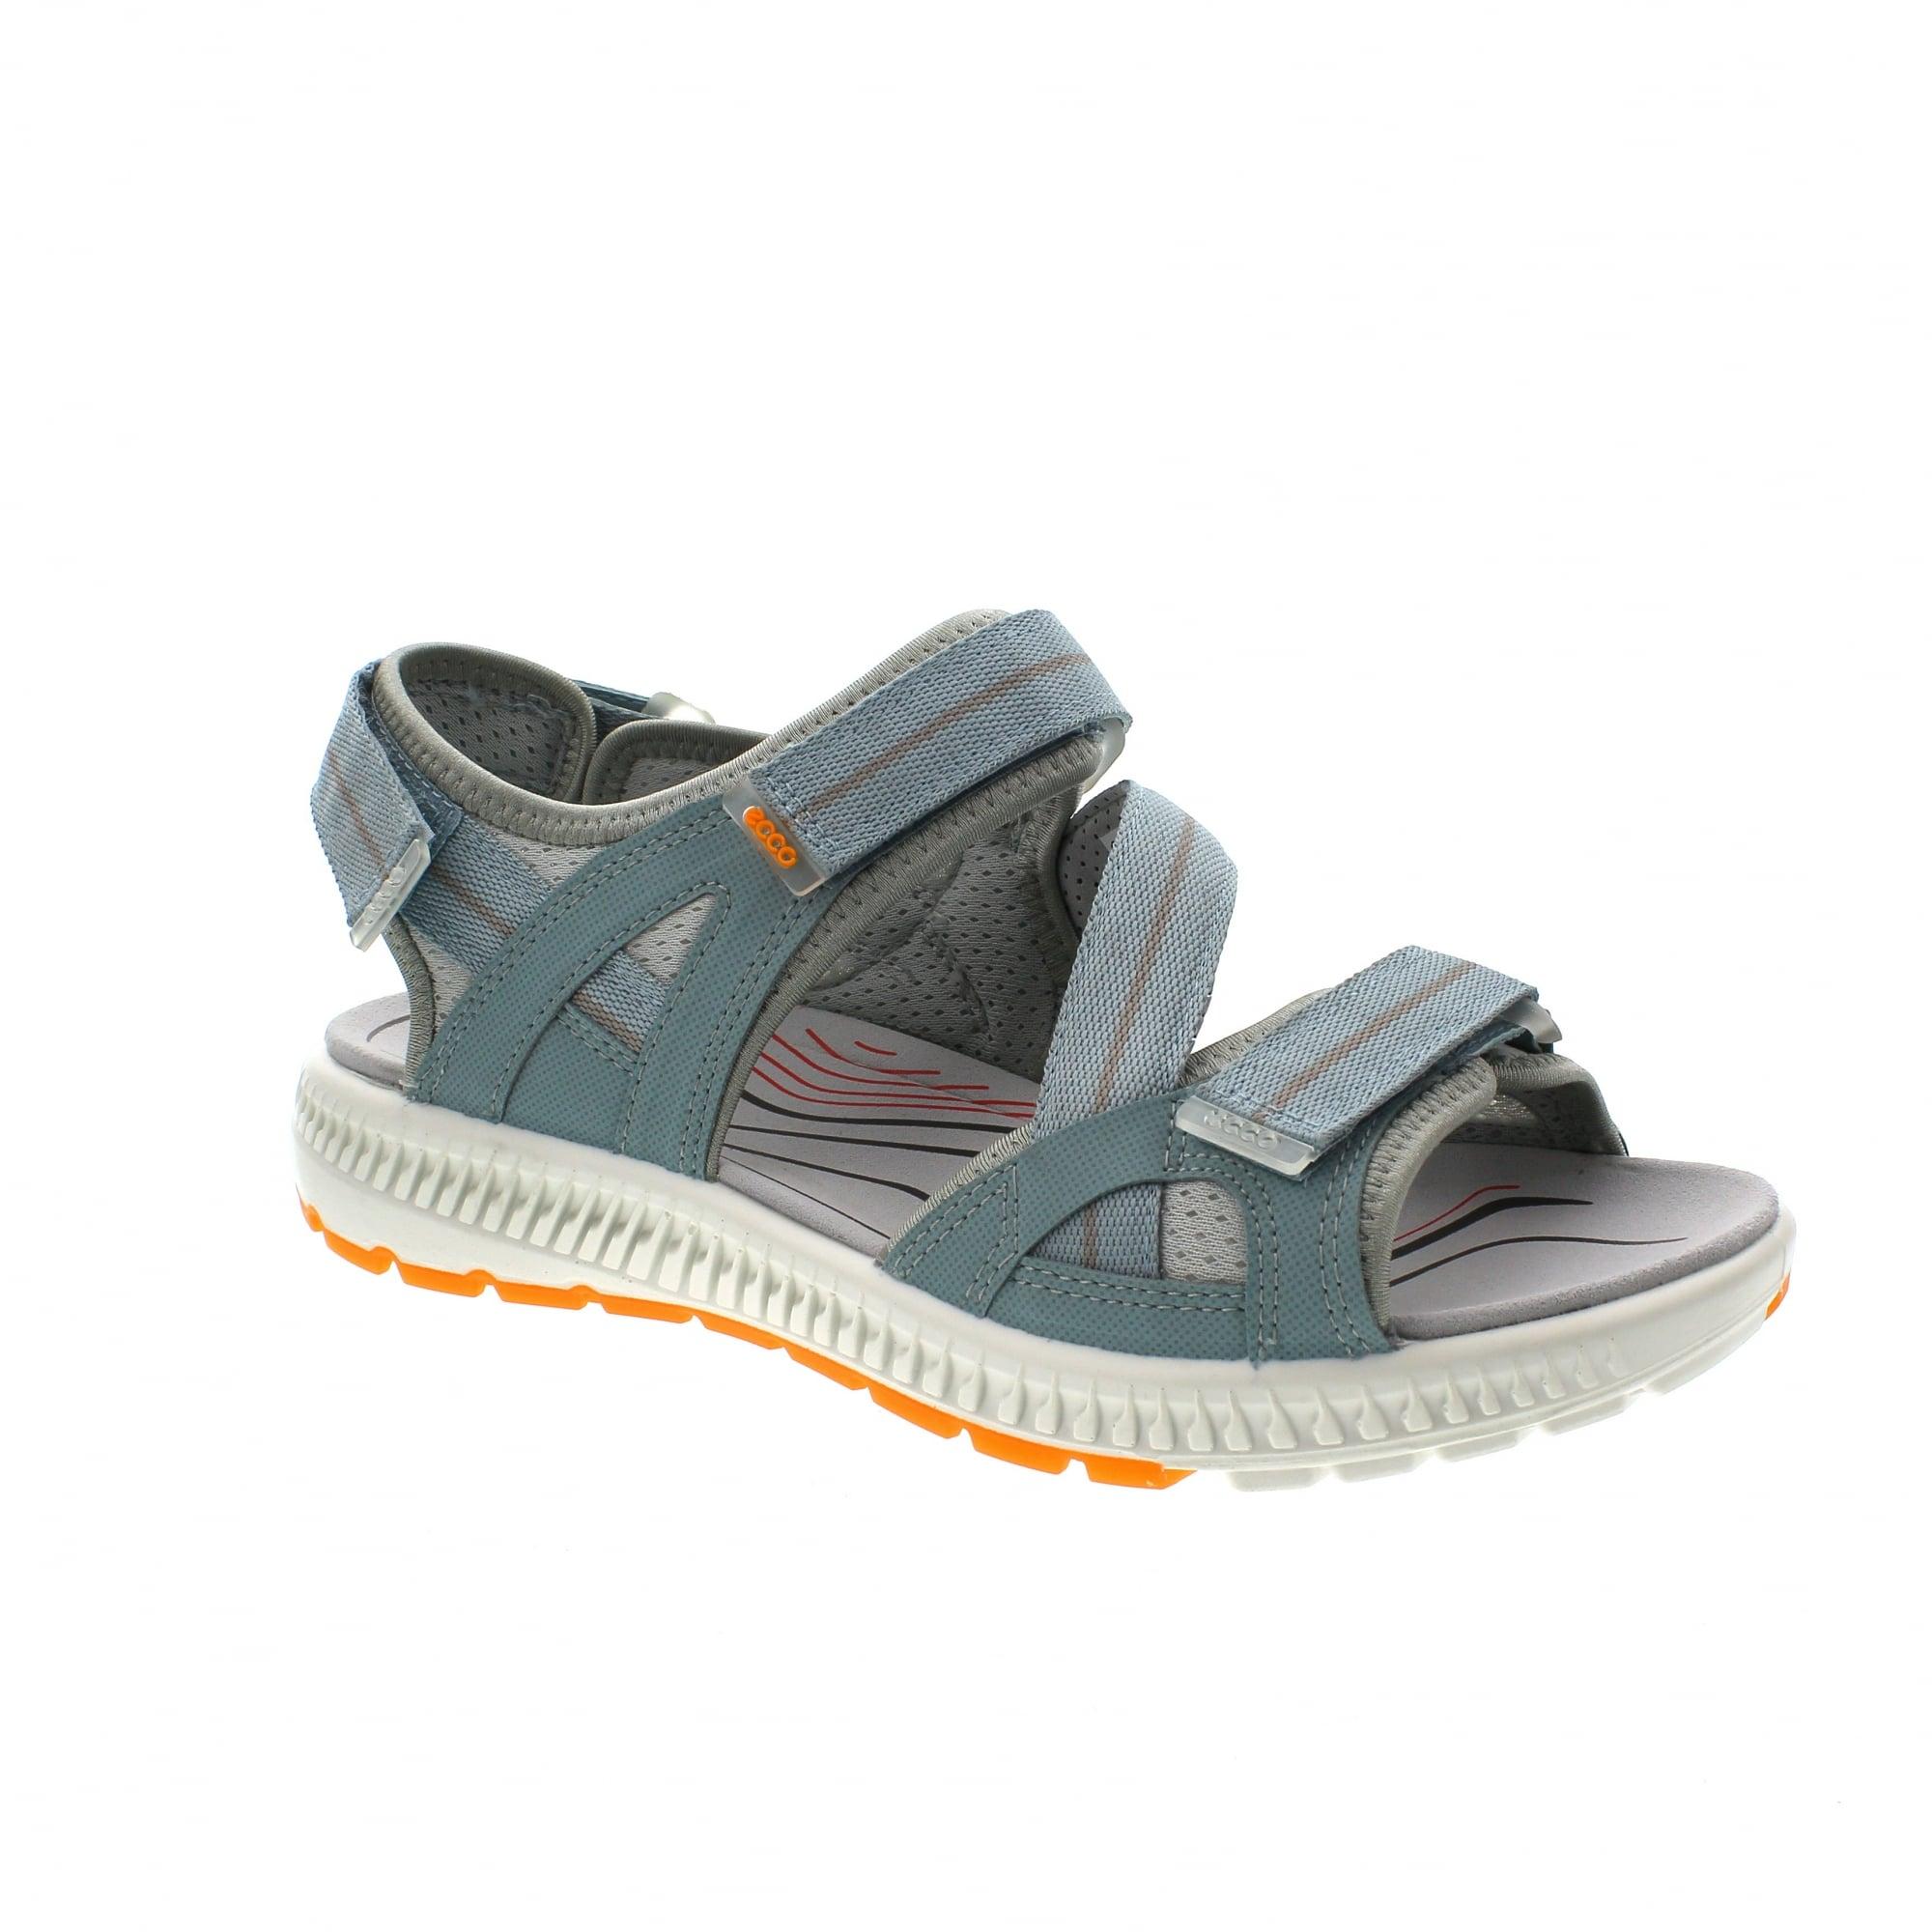 ad301af8409e Ecco Terra 822713-50852 Womens Walking Sandals